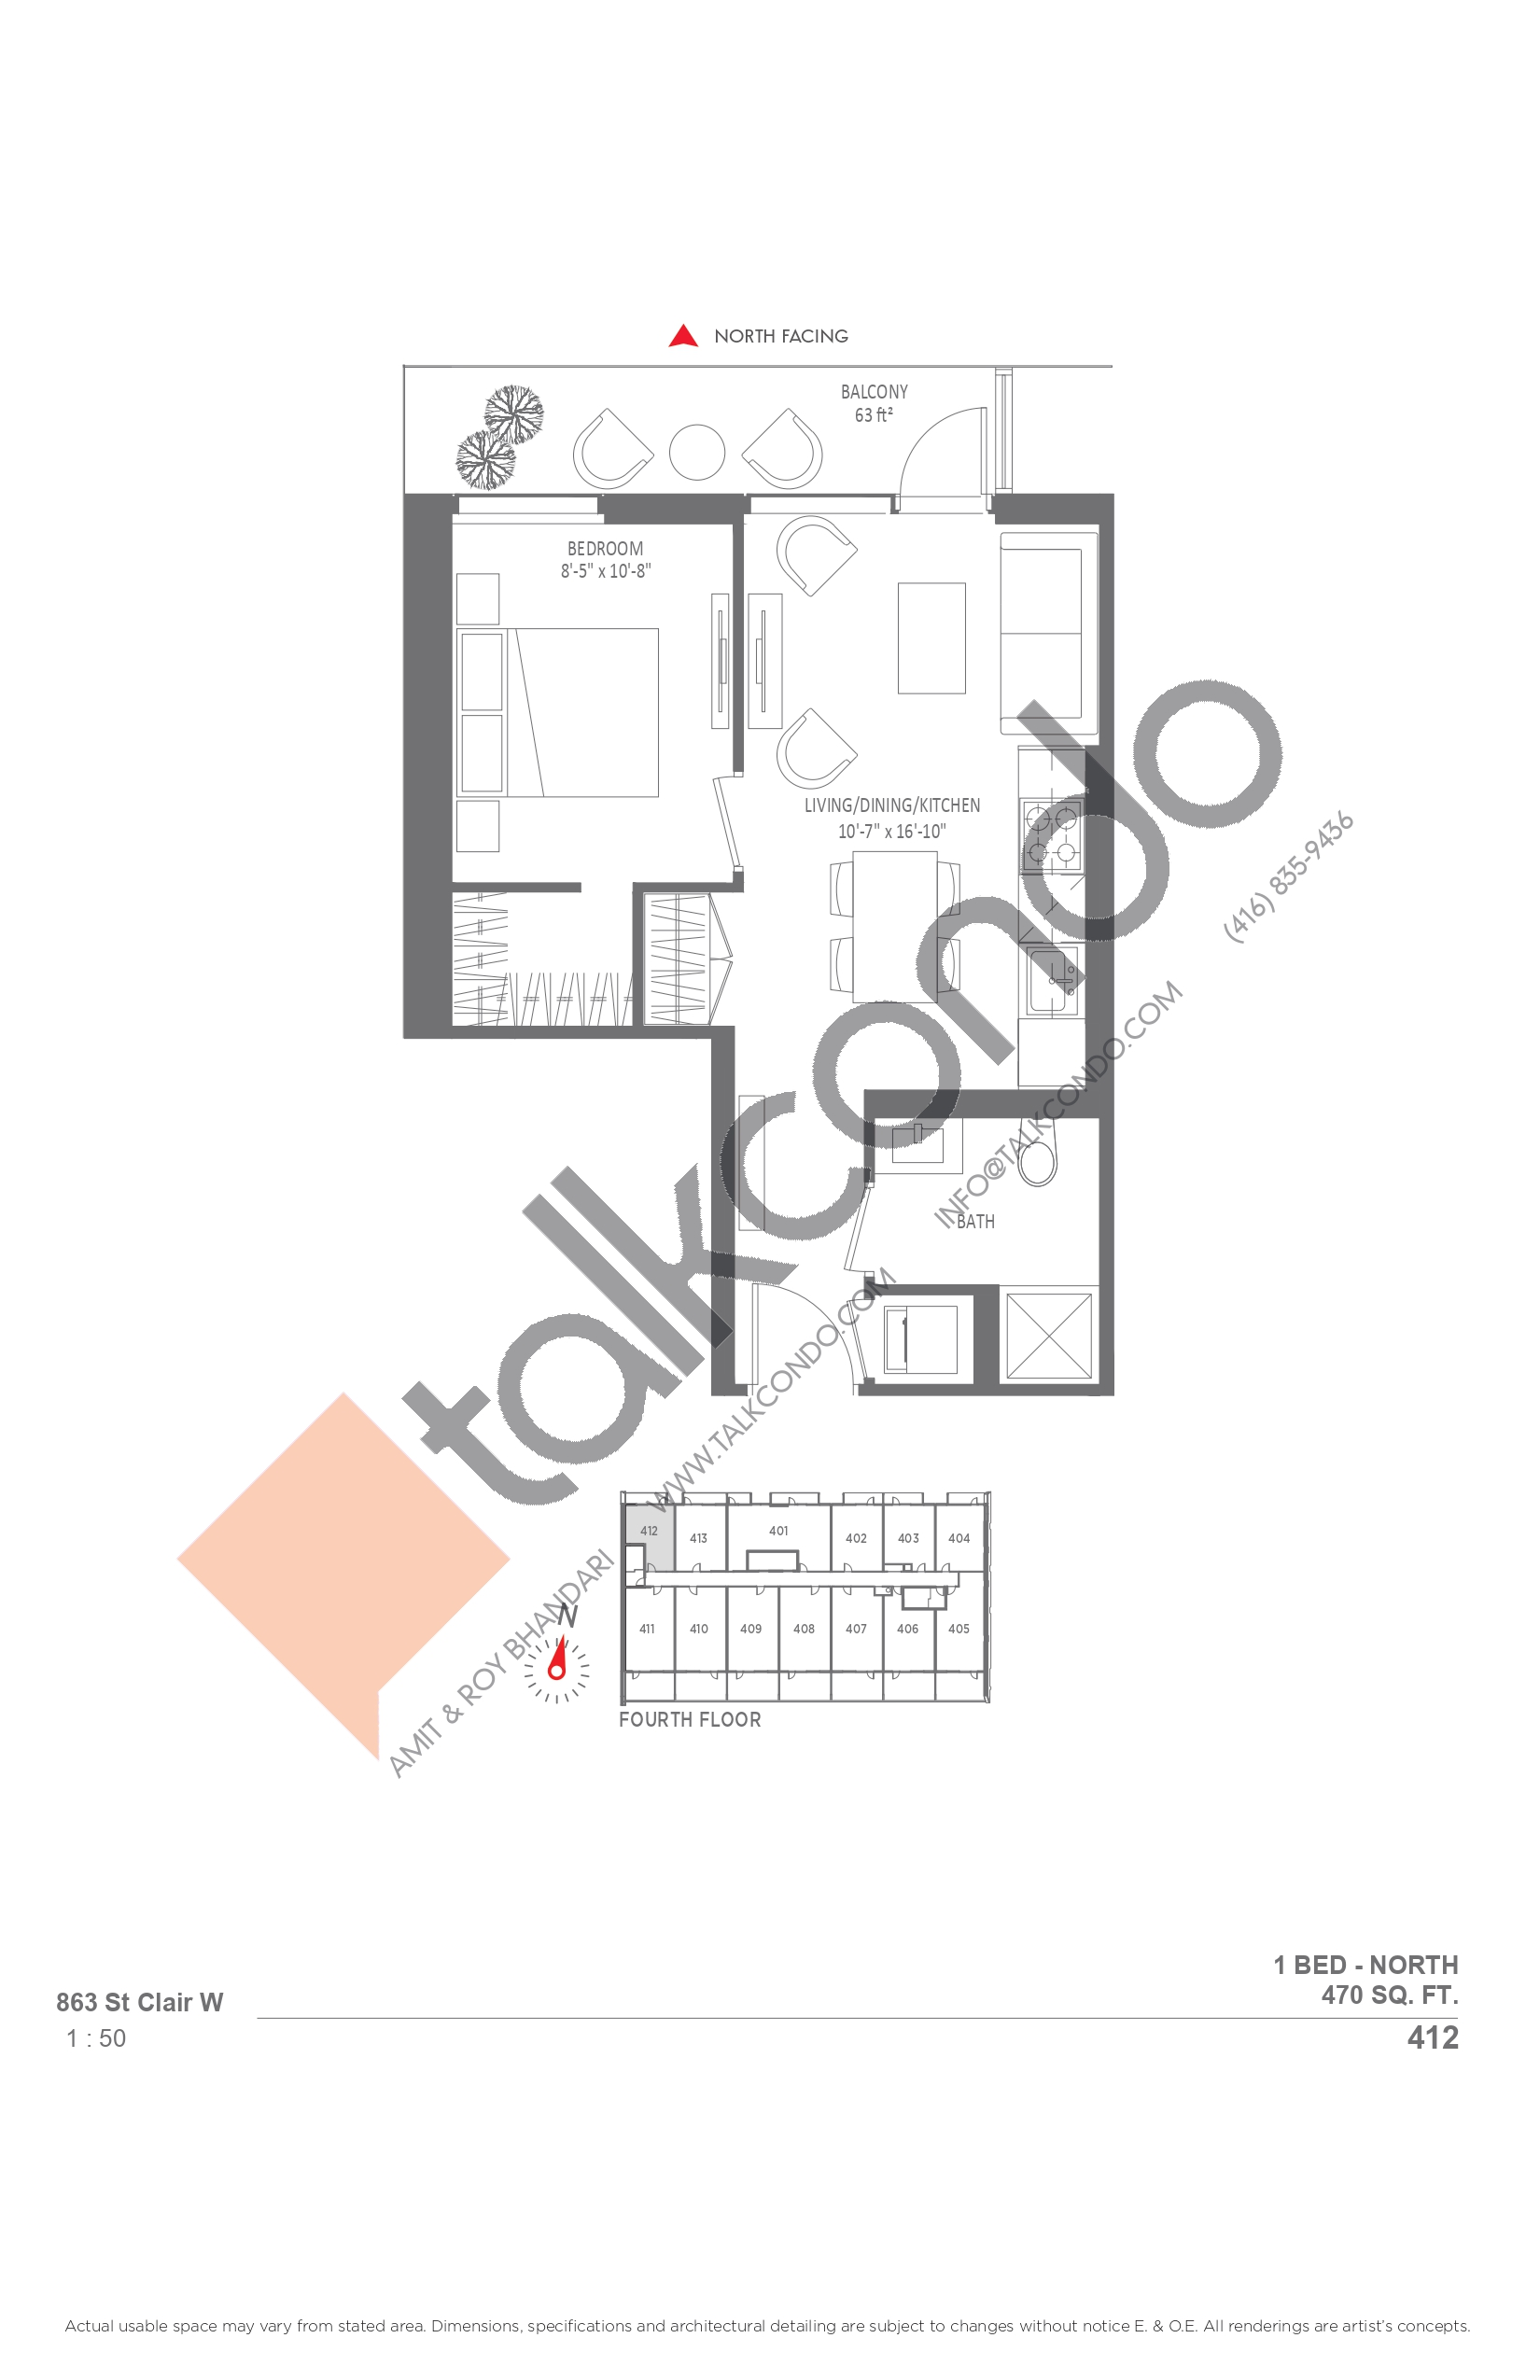 412 Floor Plan at Monza Condos - 470 sq.ft